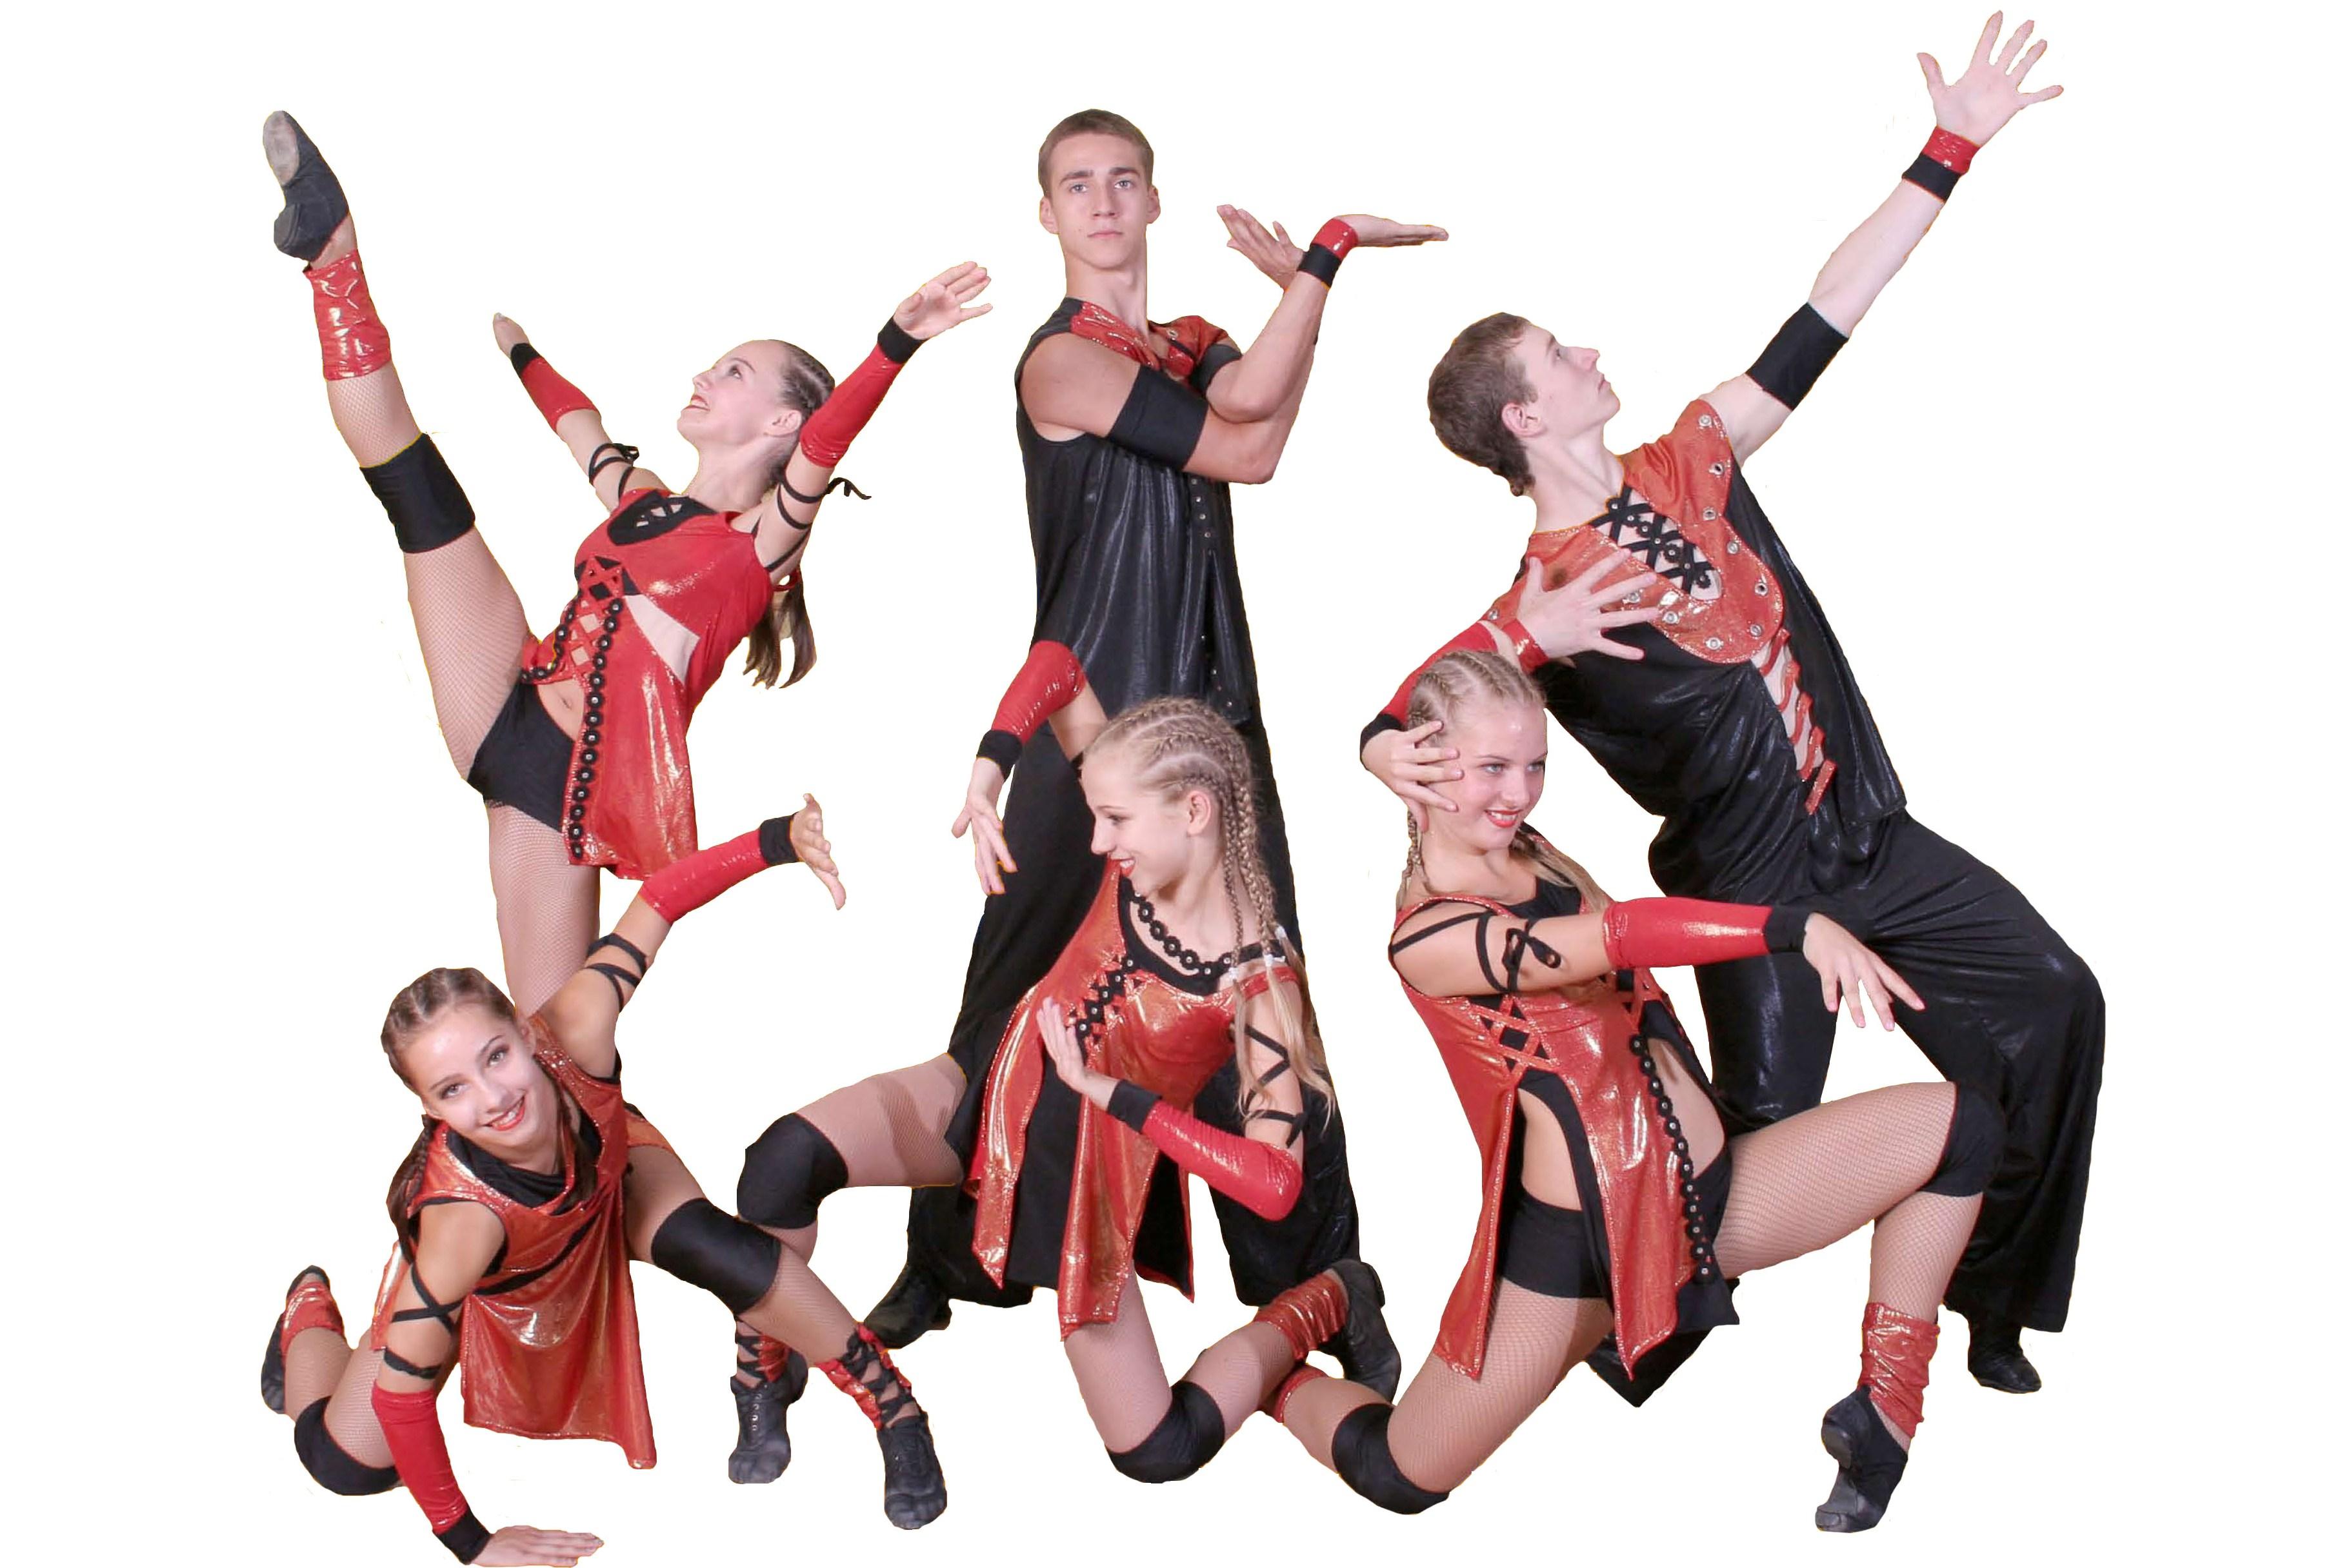 Картинка одежды для танец